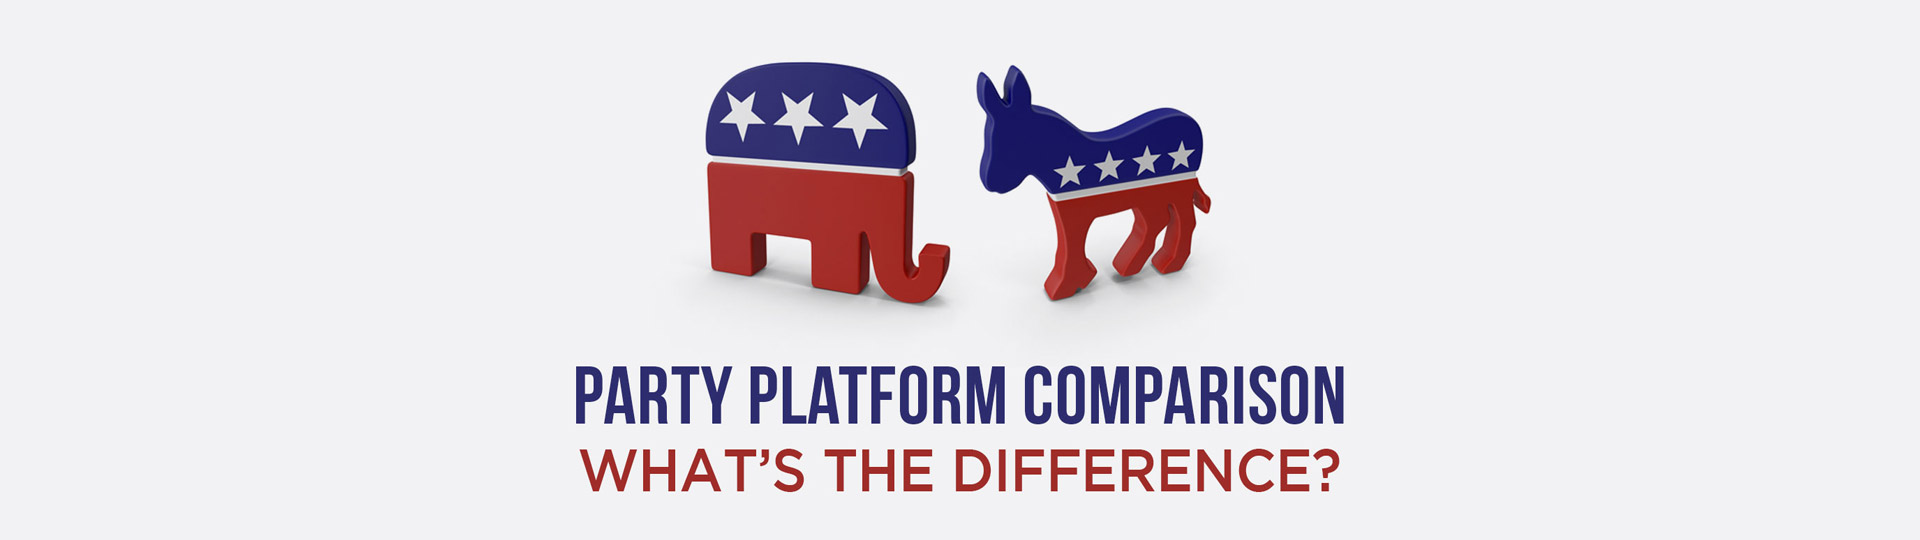 Party Platform Comparison